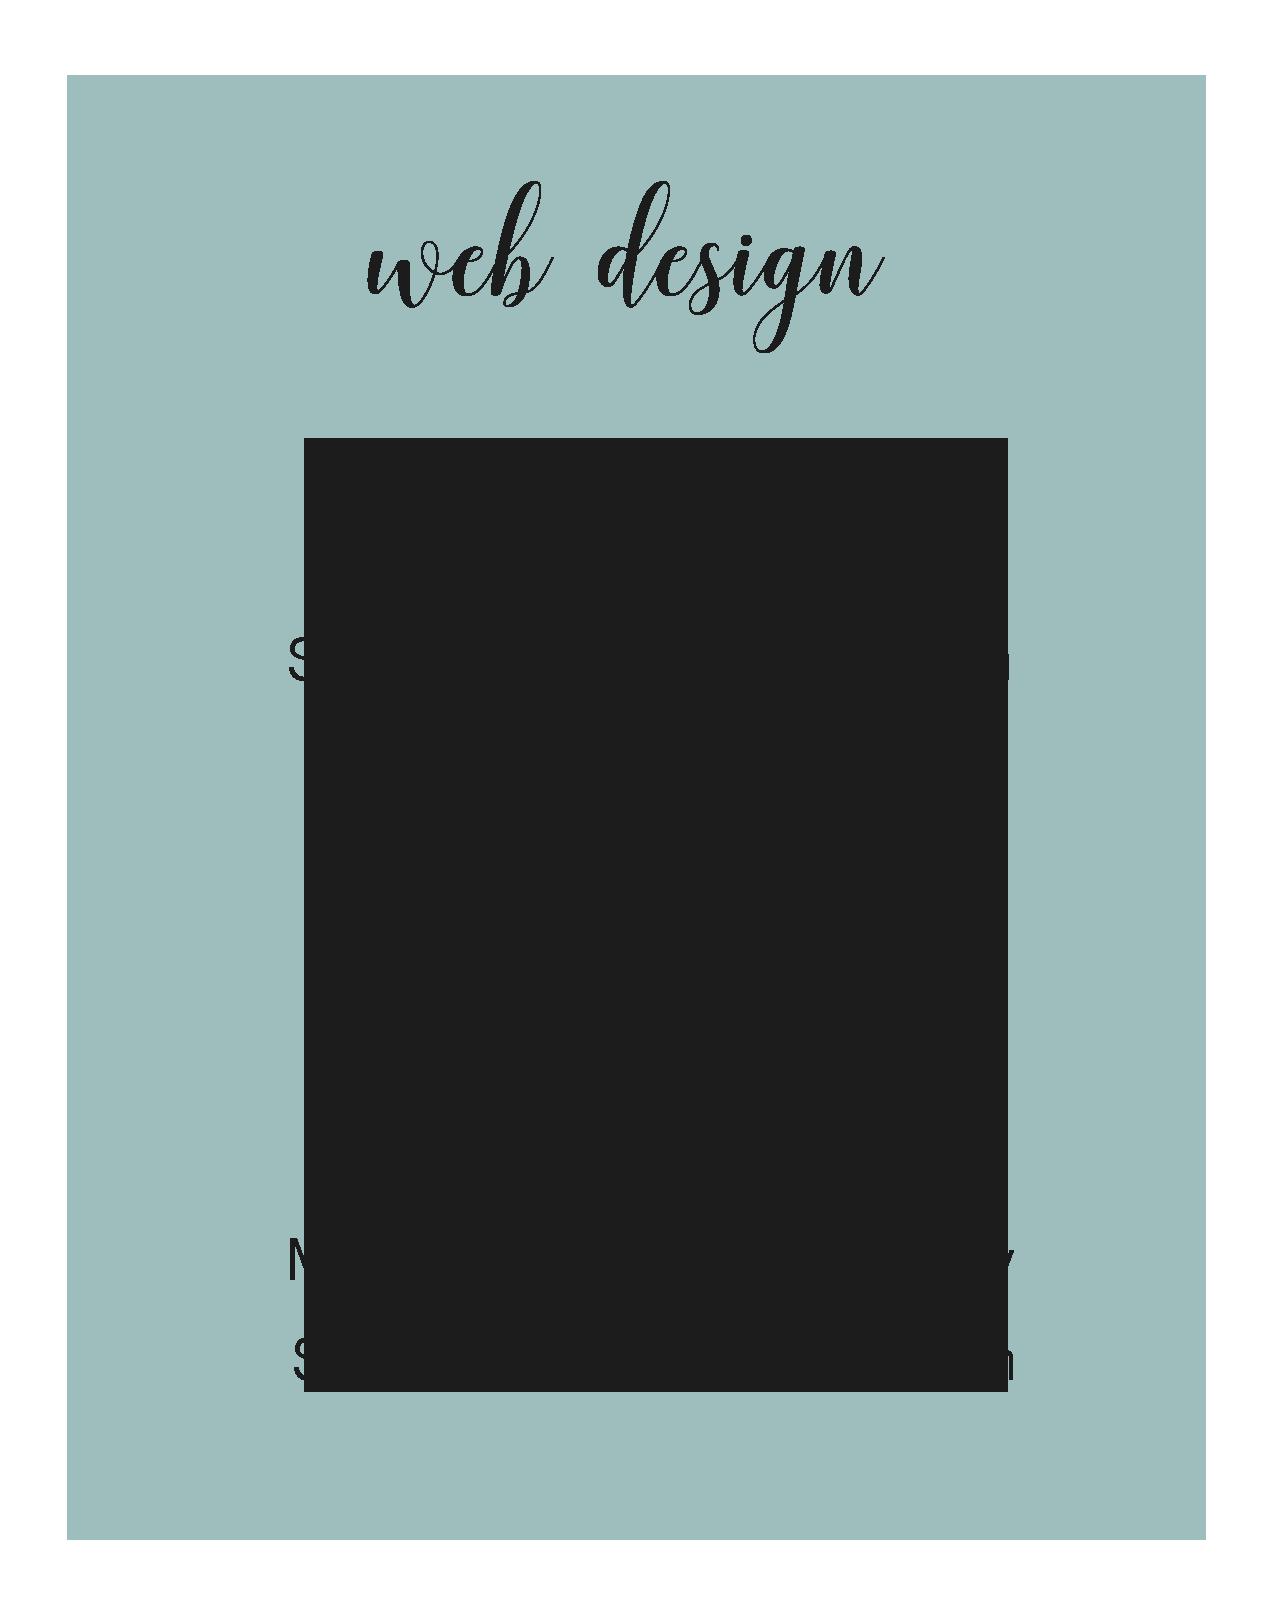 webdesignblock.png